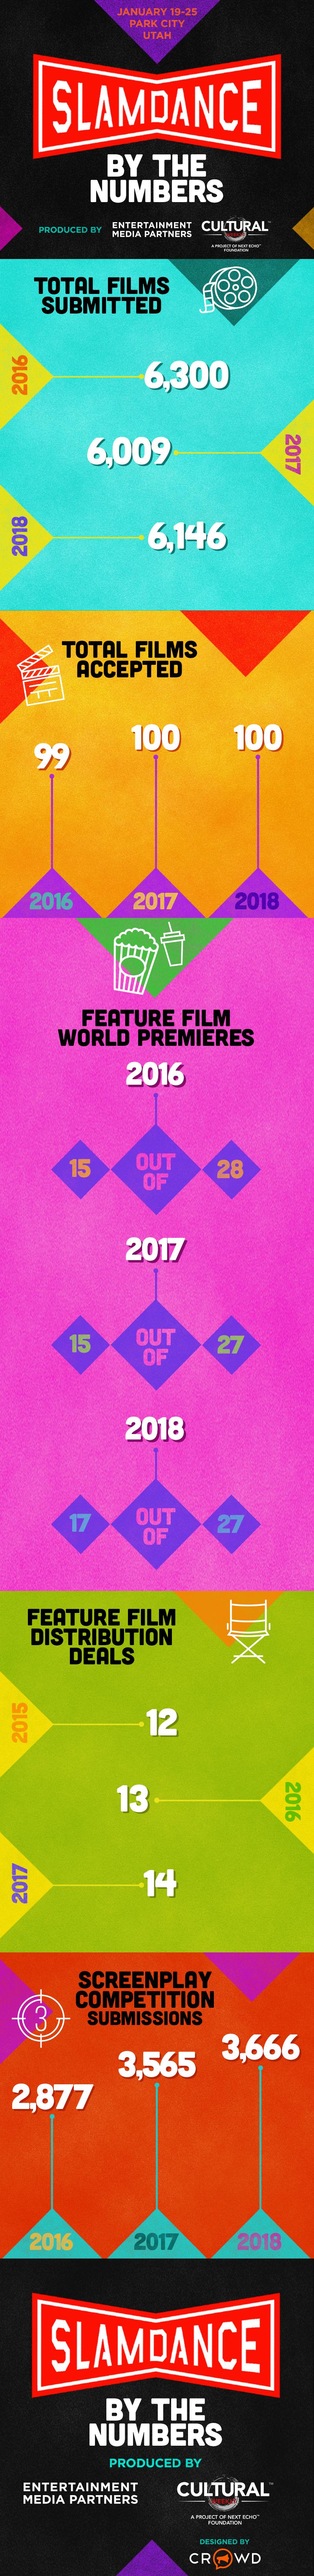 Slamdance 2018 Infographic